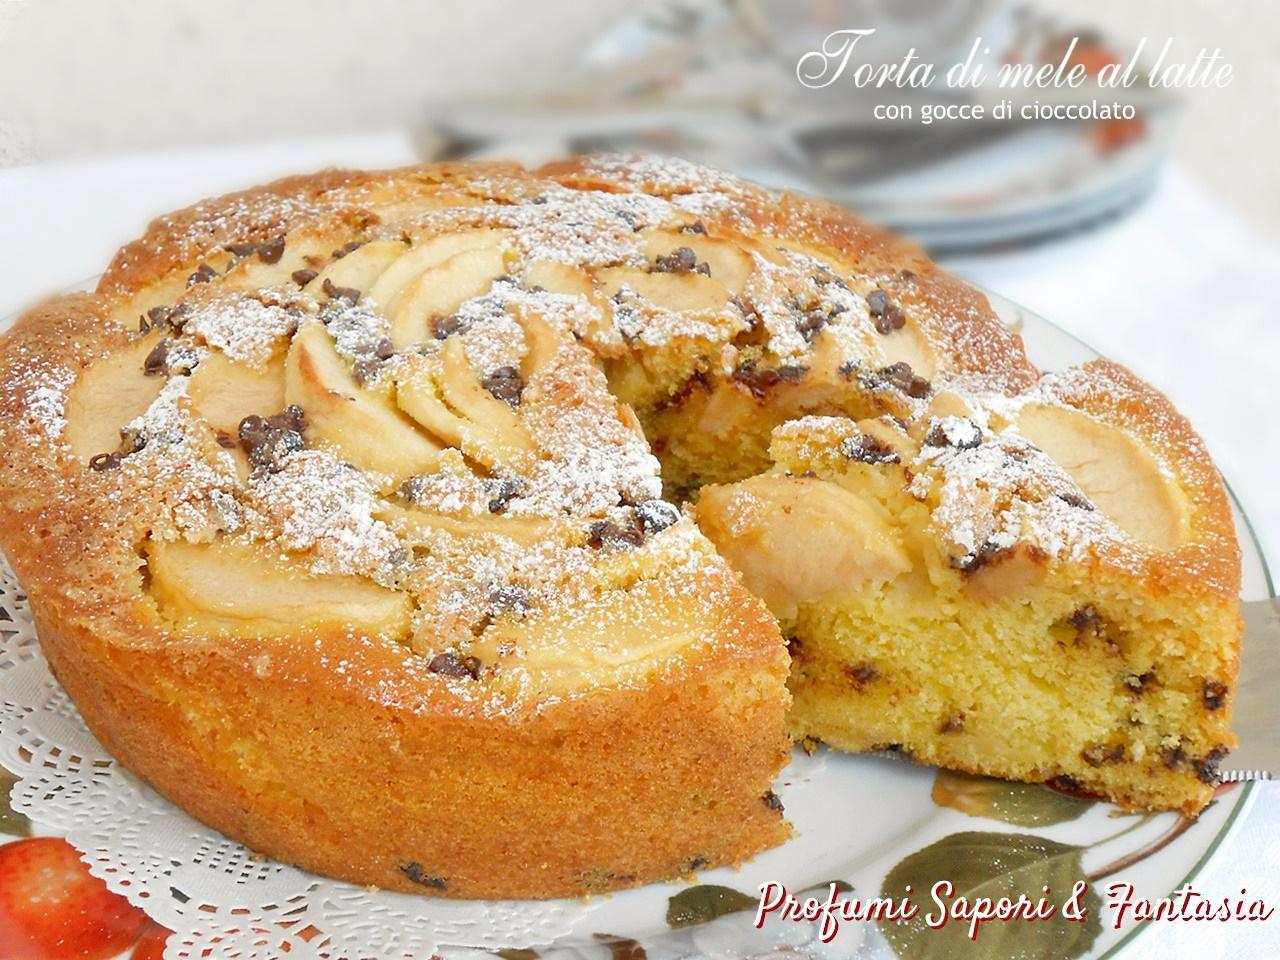 Torta di mele al latte con gocce di cioccolato 493adf5a21c